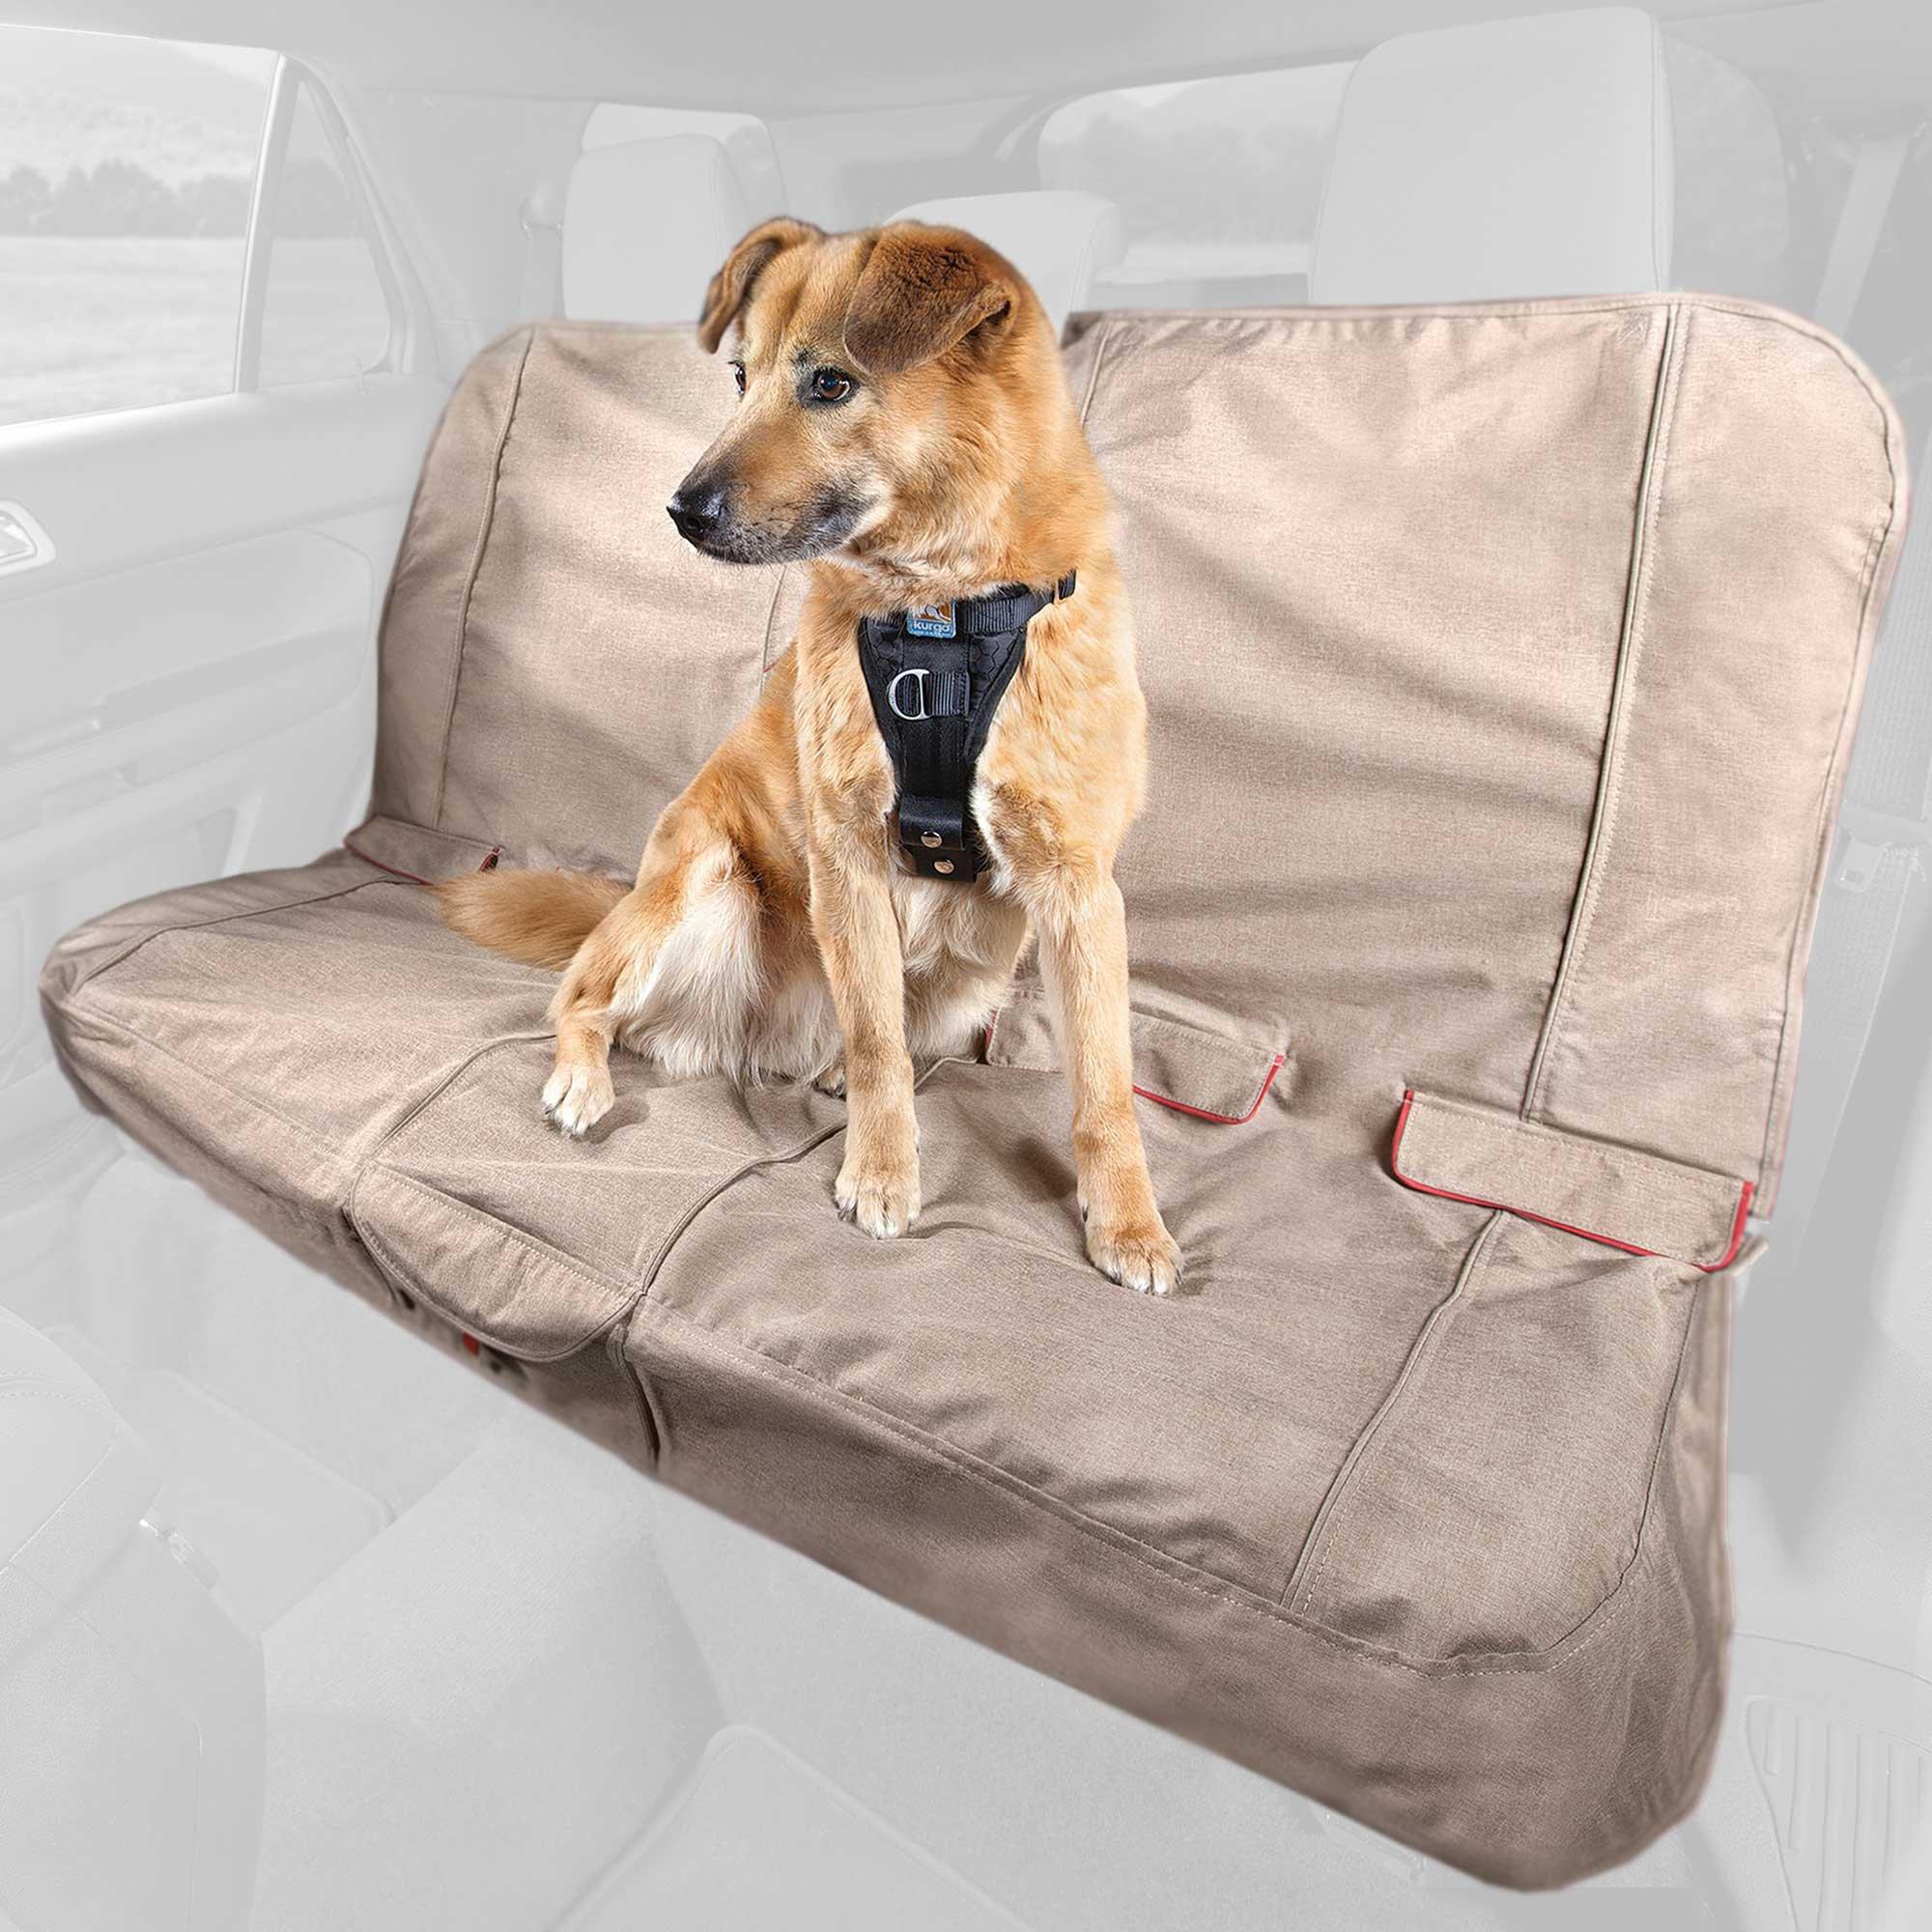 Kurgo Heather Bench Tan Dog Car Seat Cover Petco